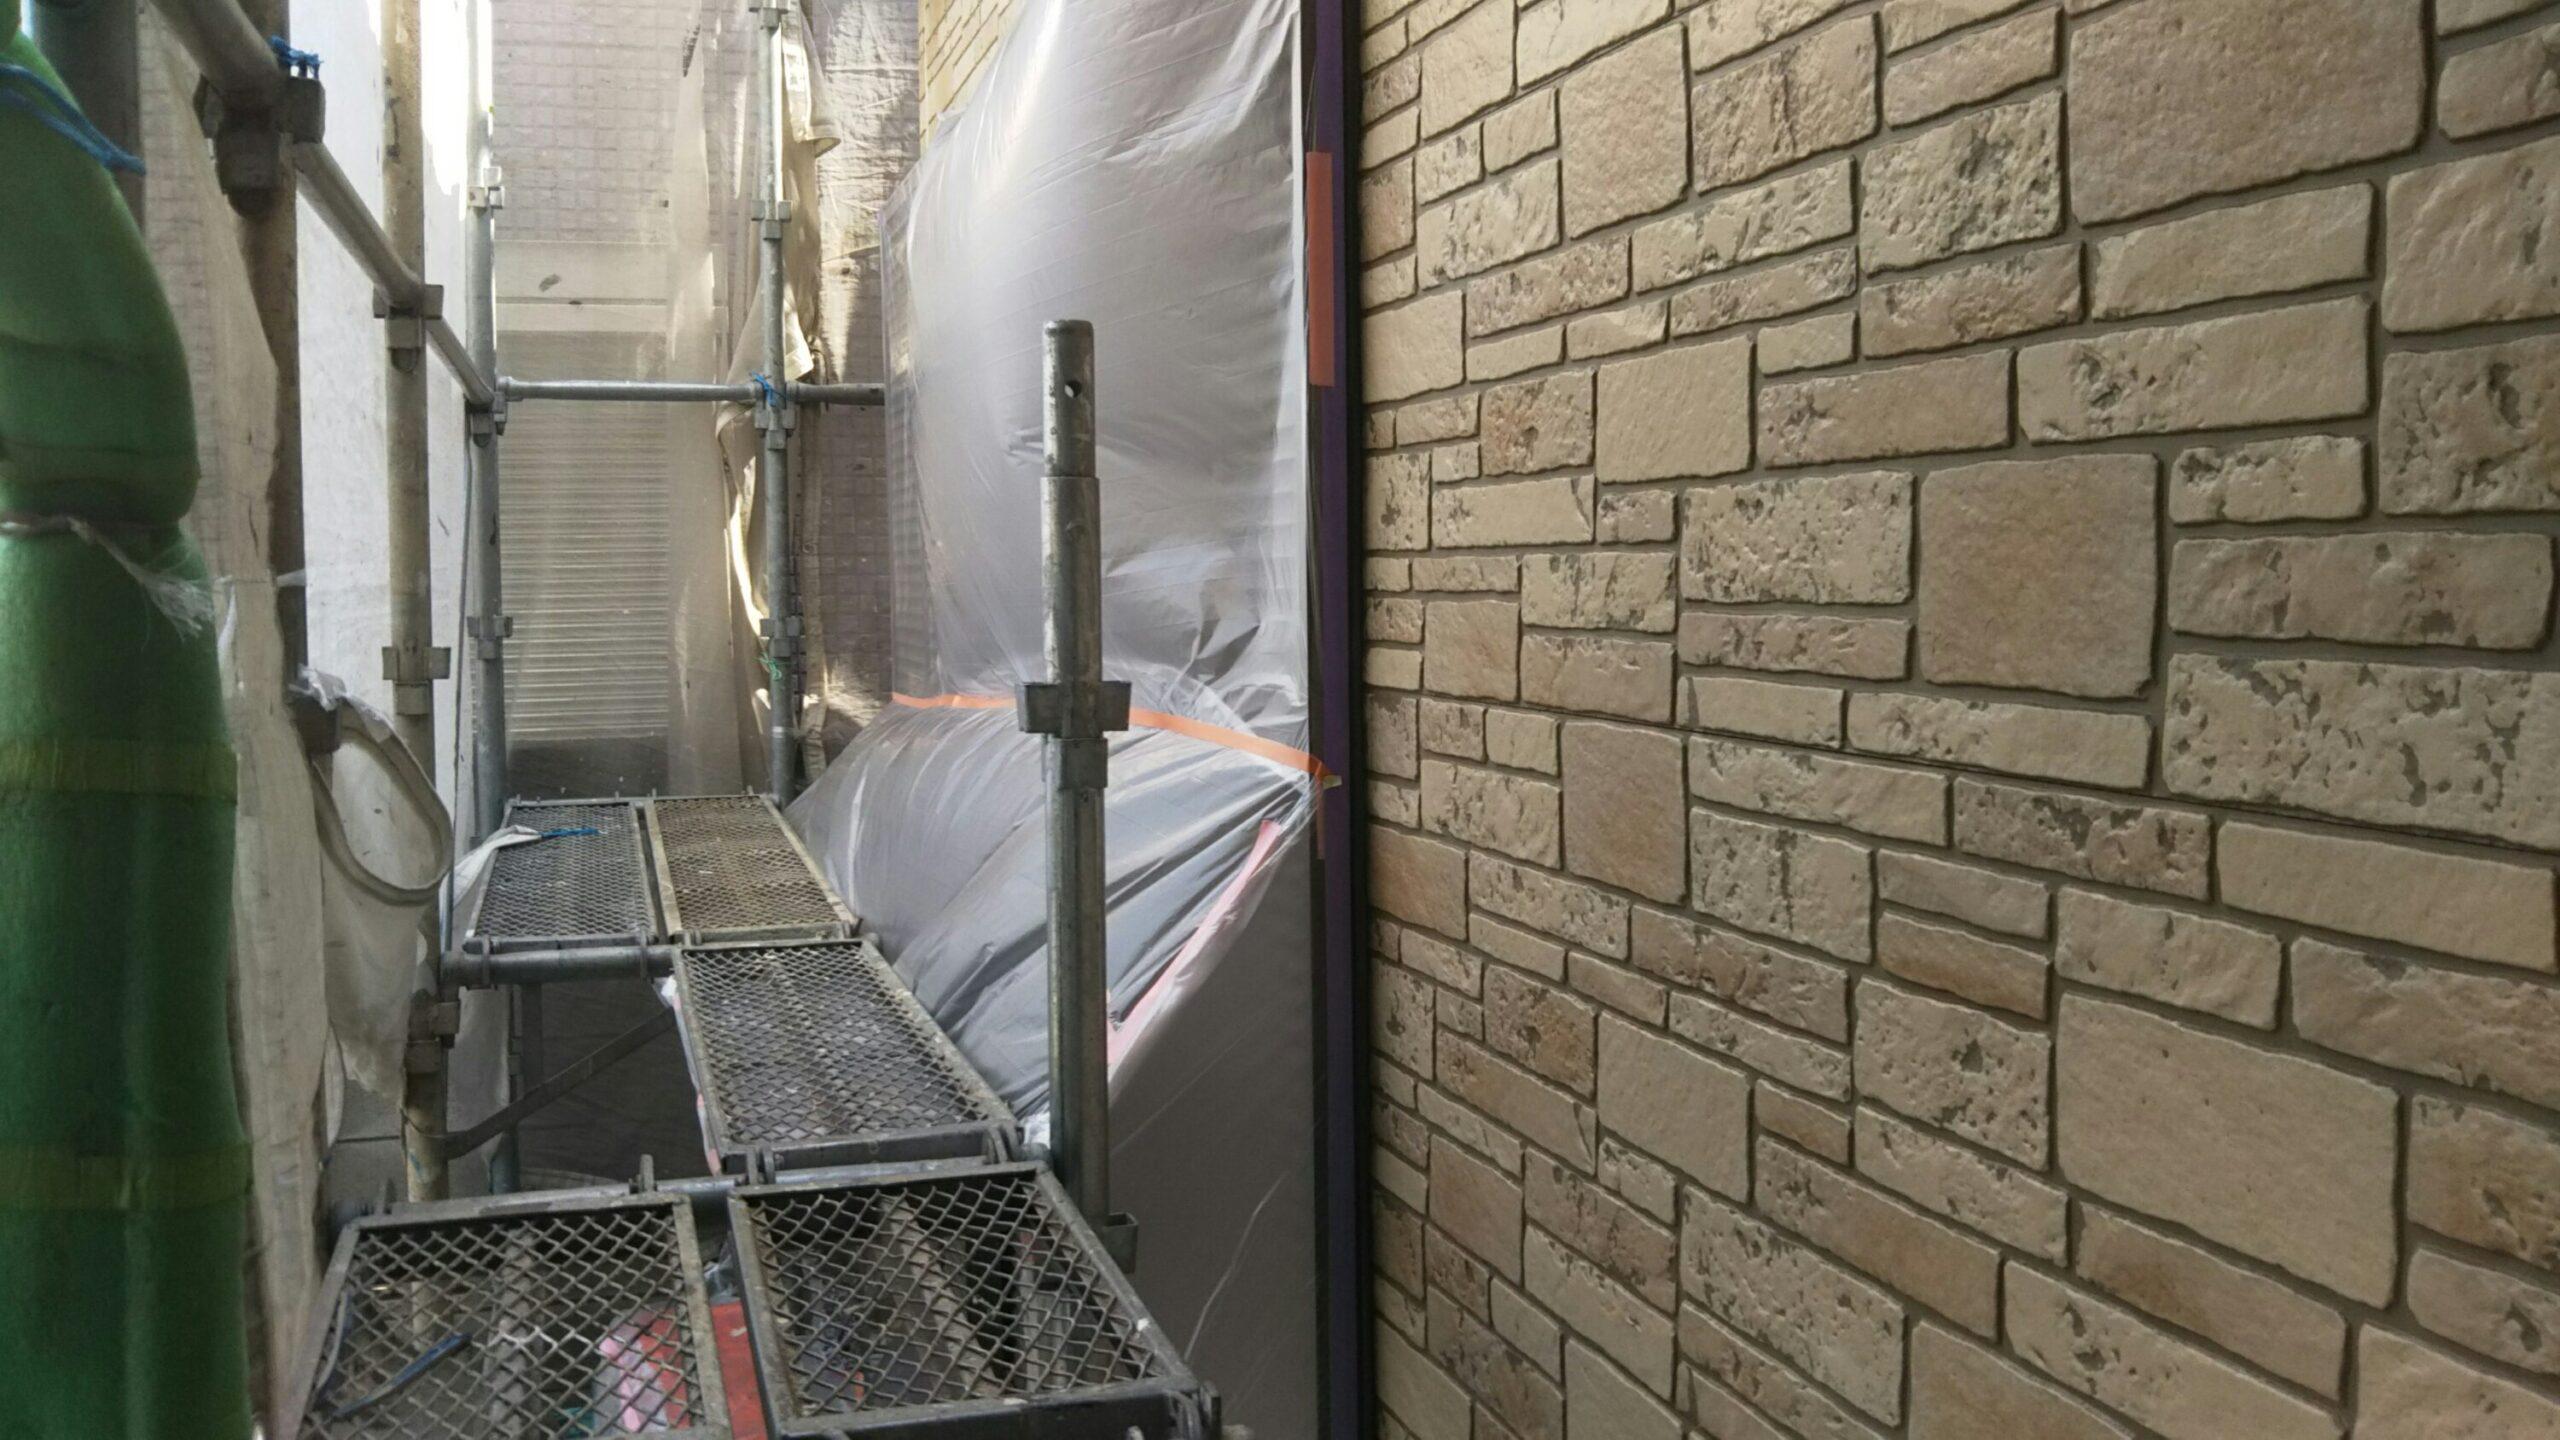 埼玉県さいたま市中央区のM様邸(木造2階建て)にて塗り替えリフォーム中 雨のため塗装作業を中断